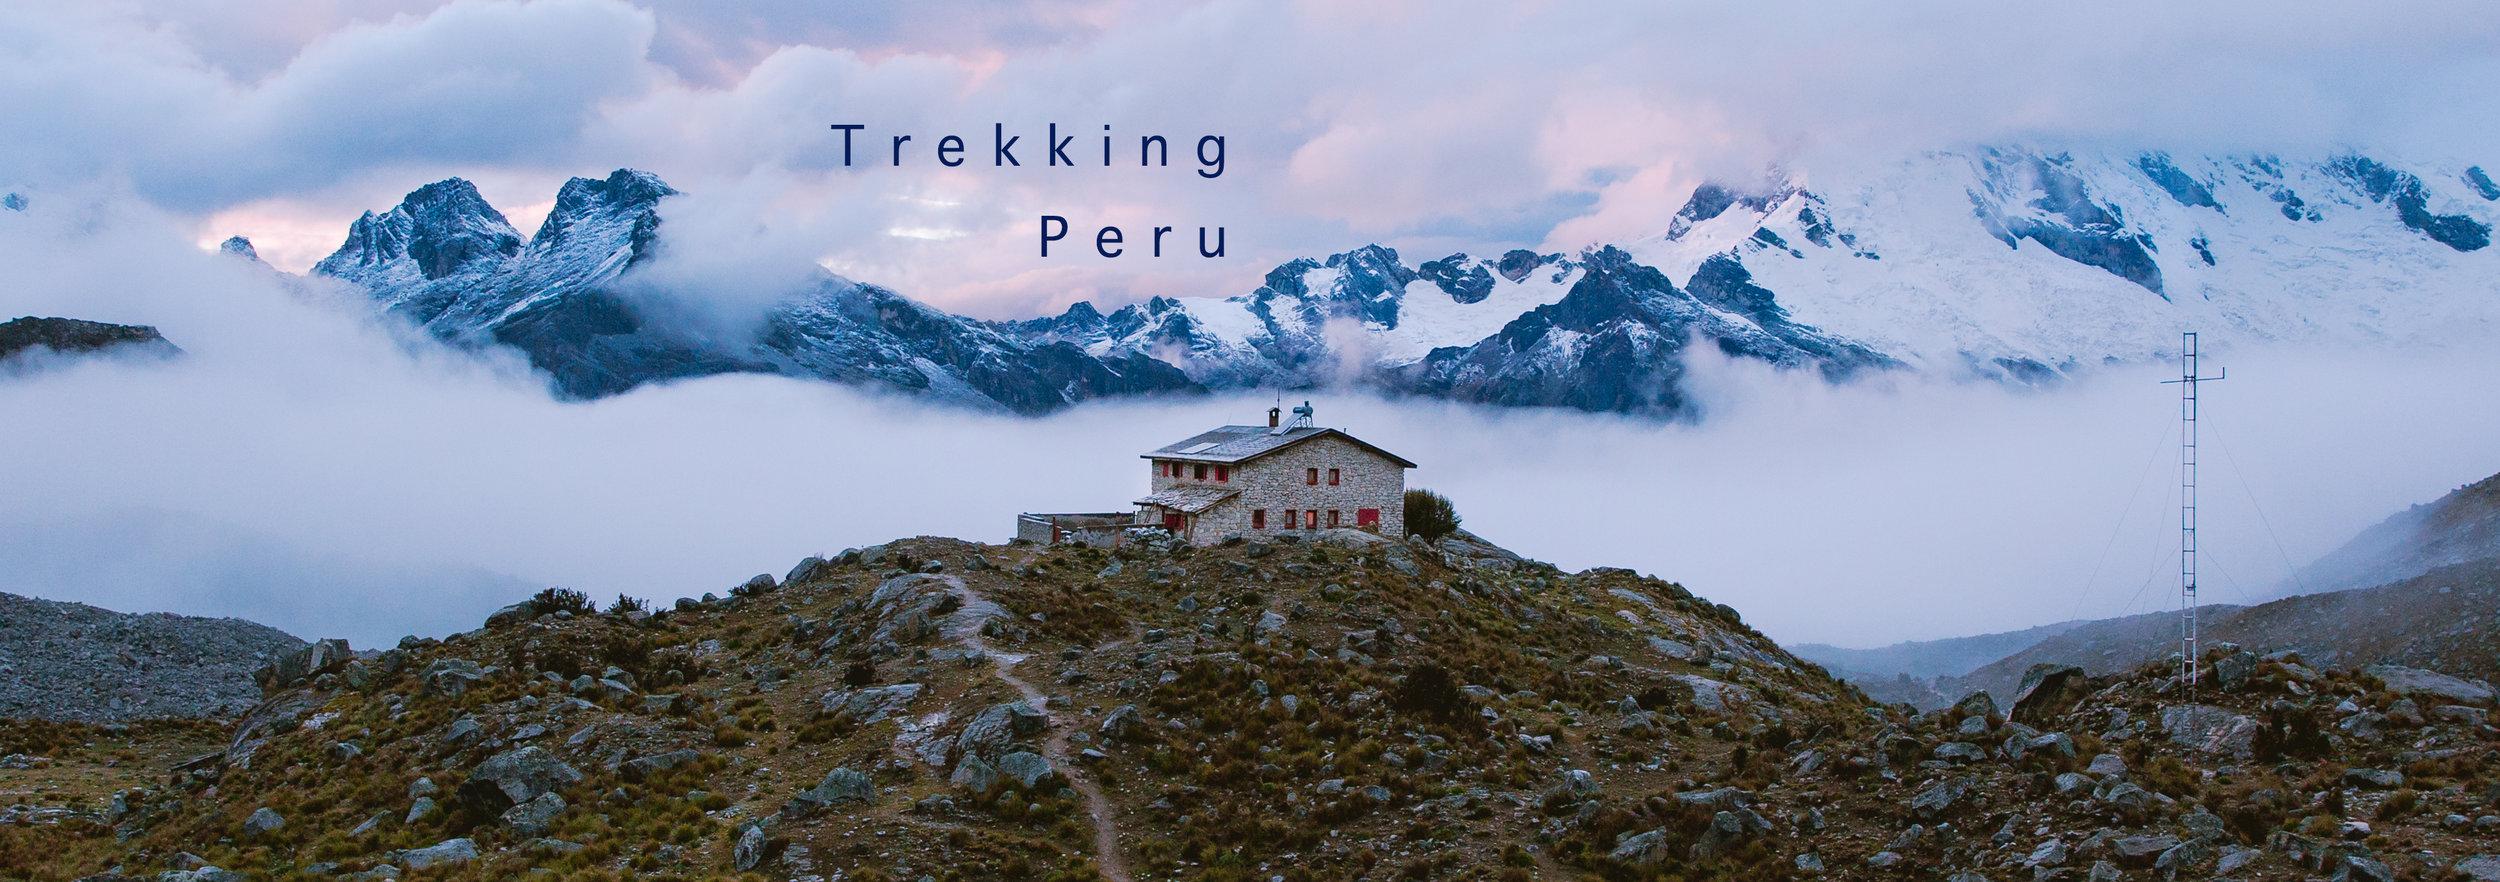 Trekking Peru with @lostintheforrest